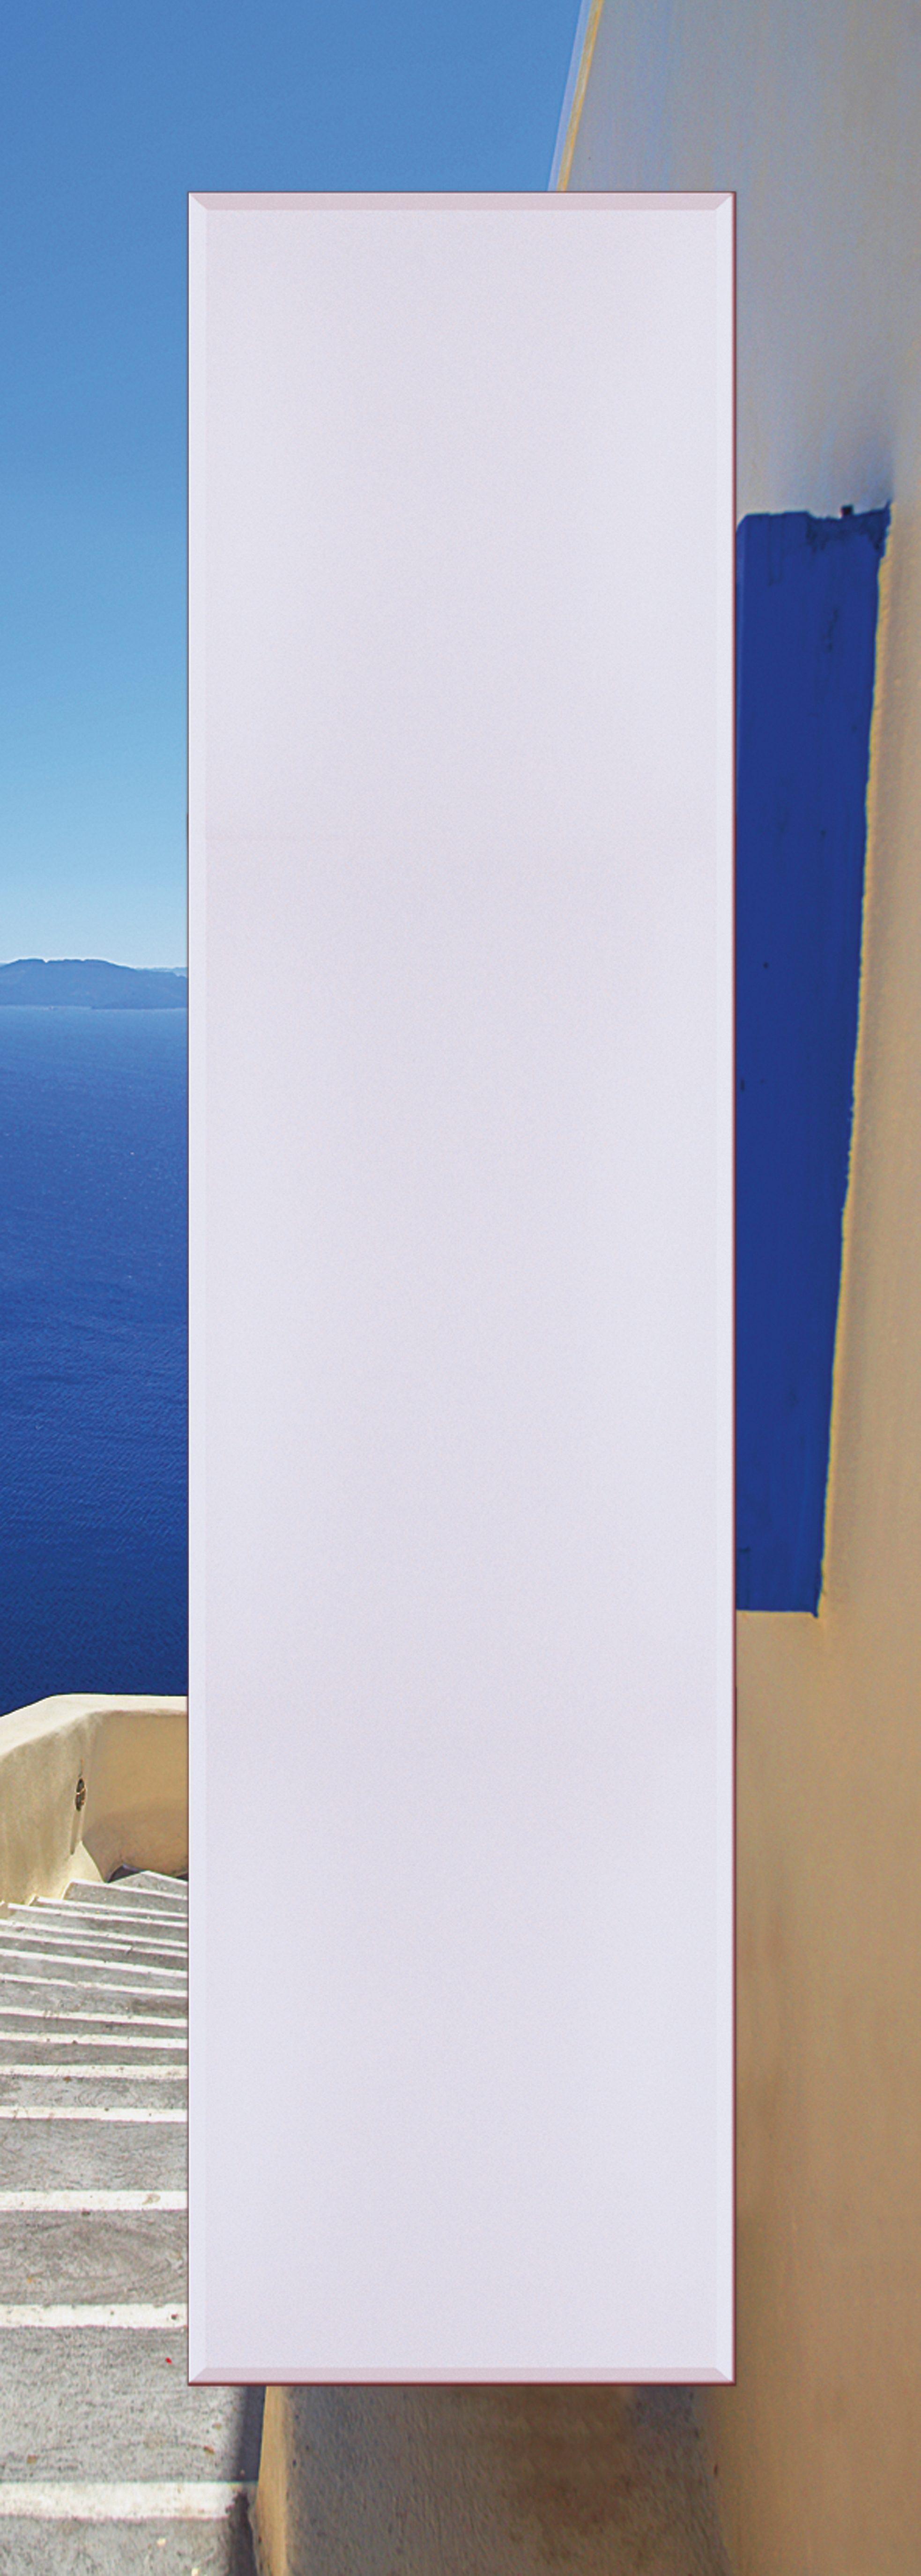 Wandspiegel, Home affaire, »Treppen ins Blaue hinein«, 50/140 cm